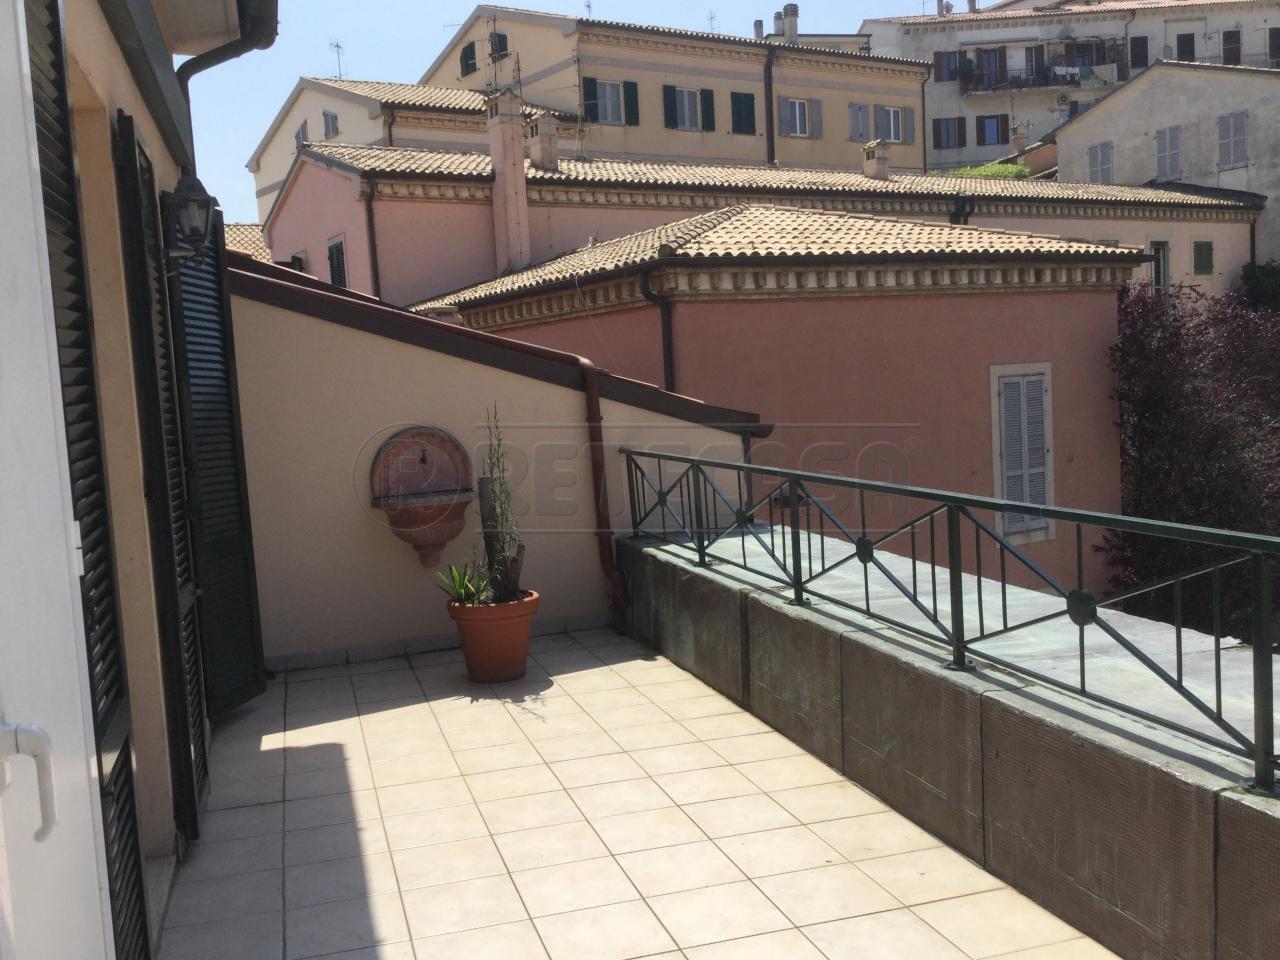 Appartamento 6 locali in affitto a Ancona (AN)